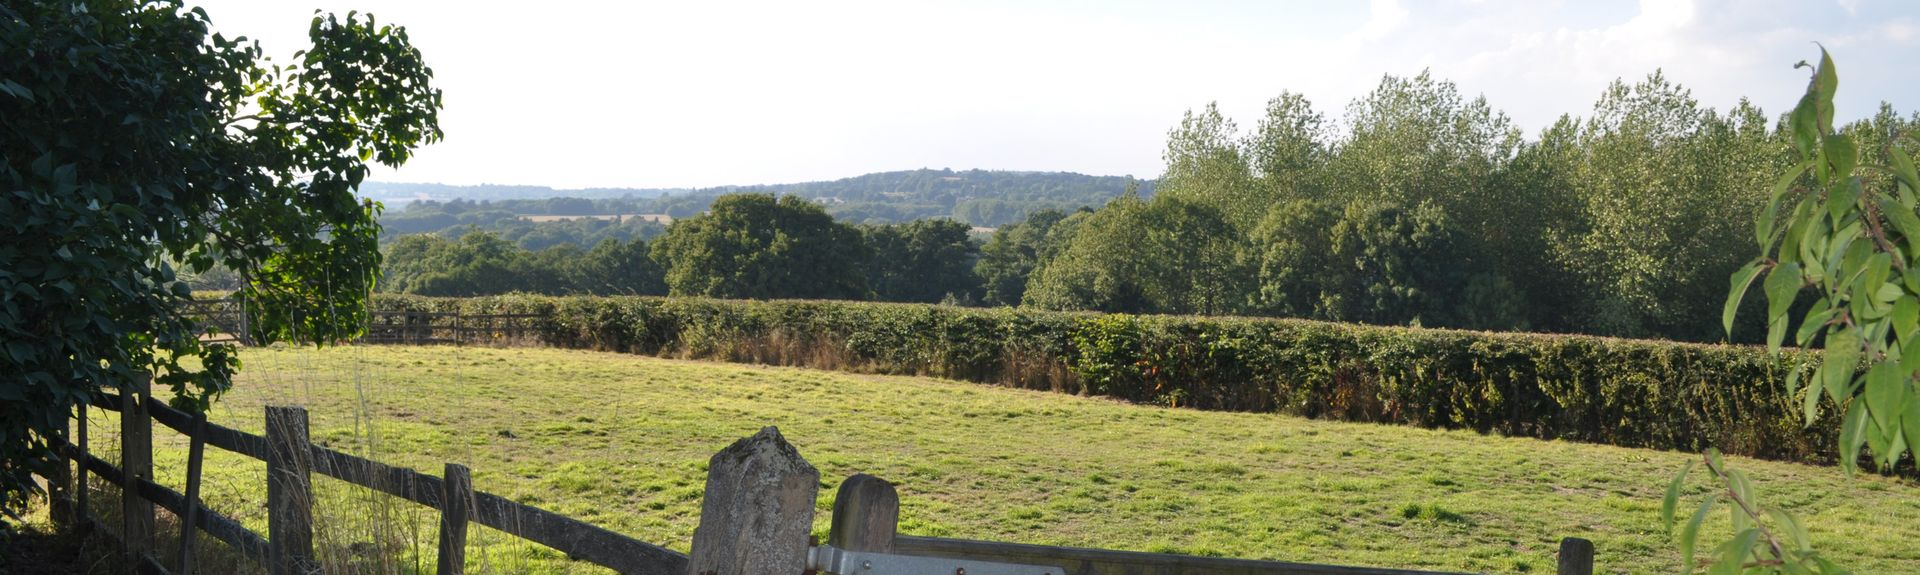 Hammerwood Park, East Grinstead, Englanti, Yhdistynyt Kuningaskunta